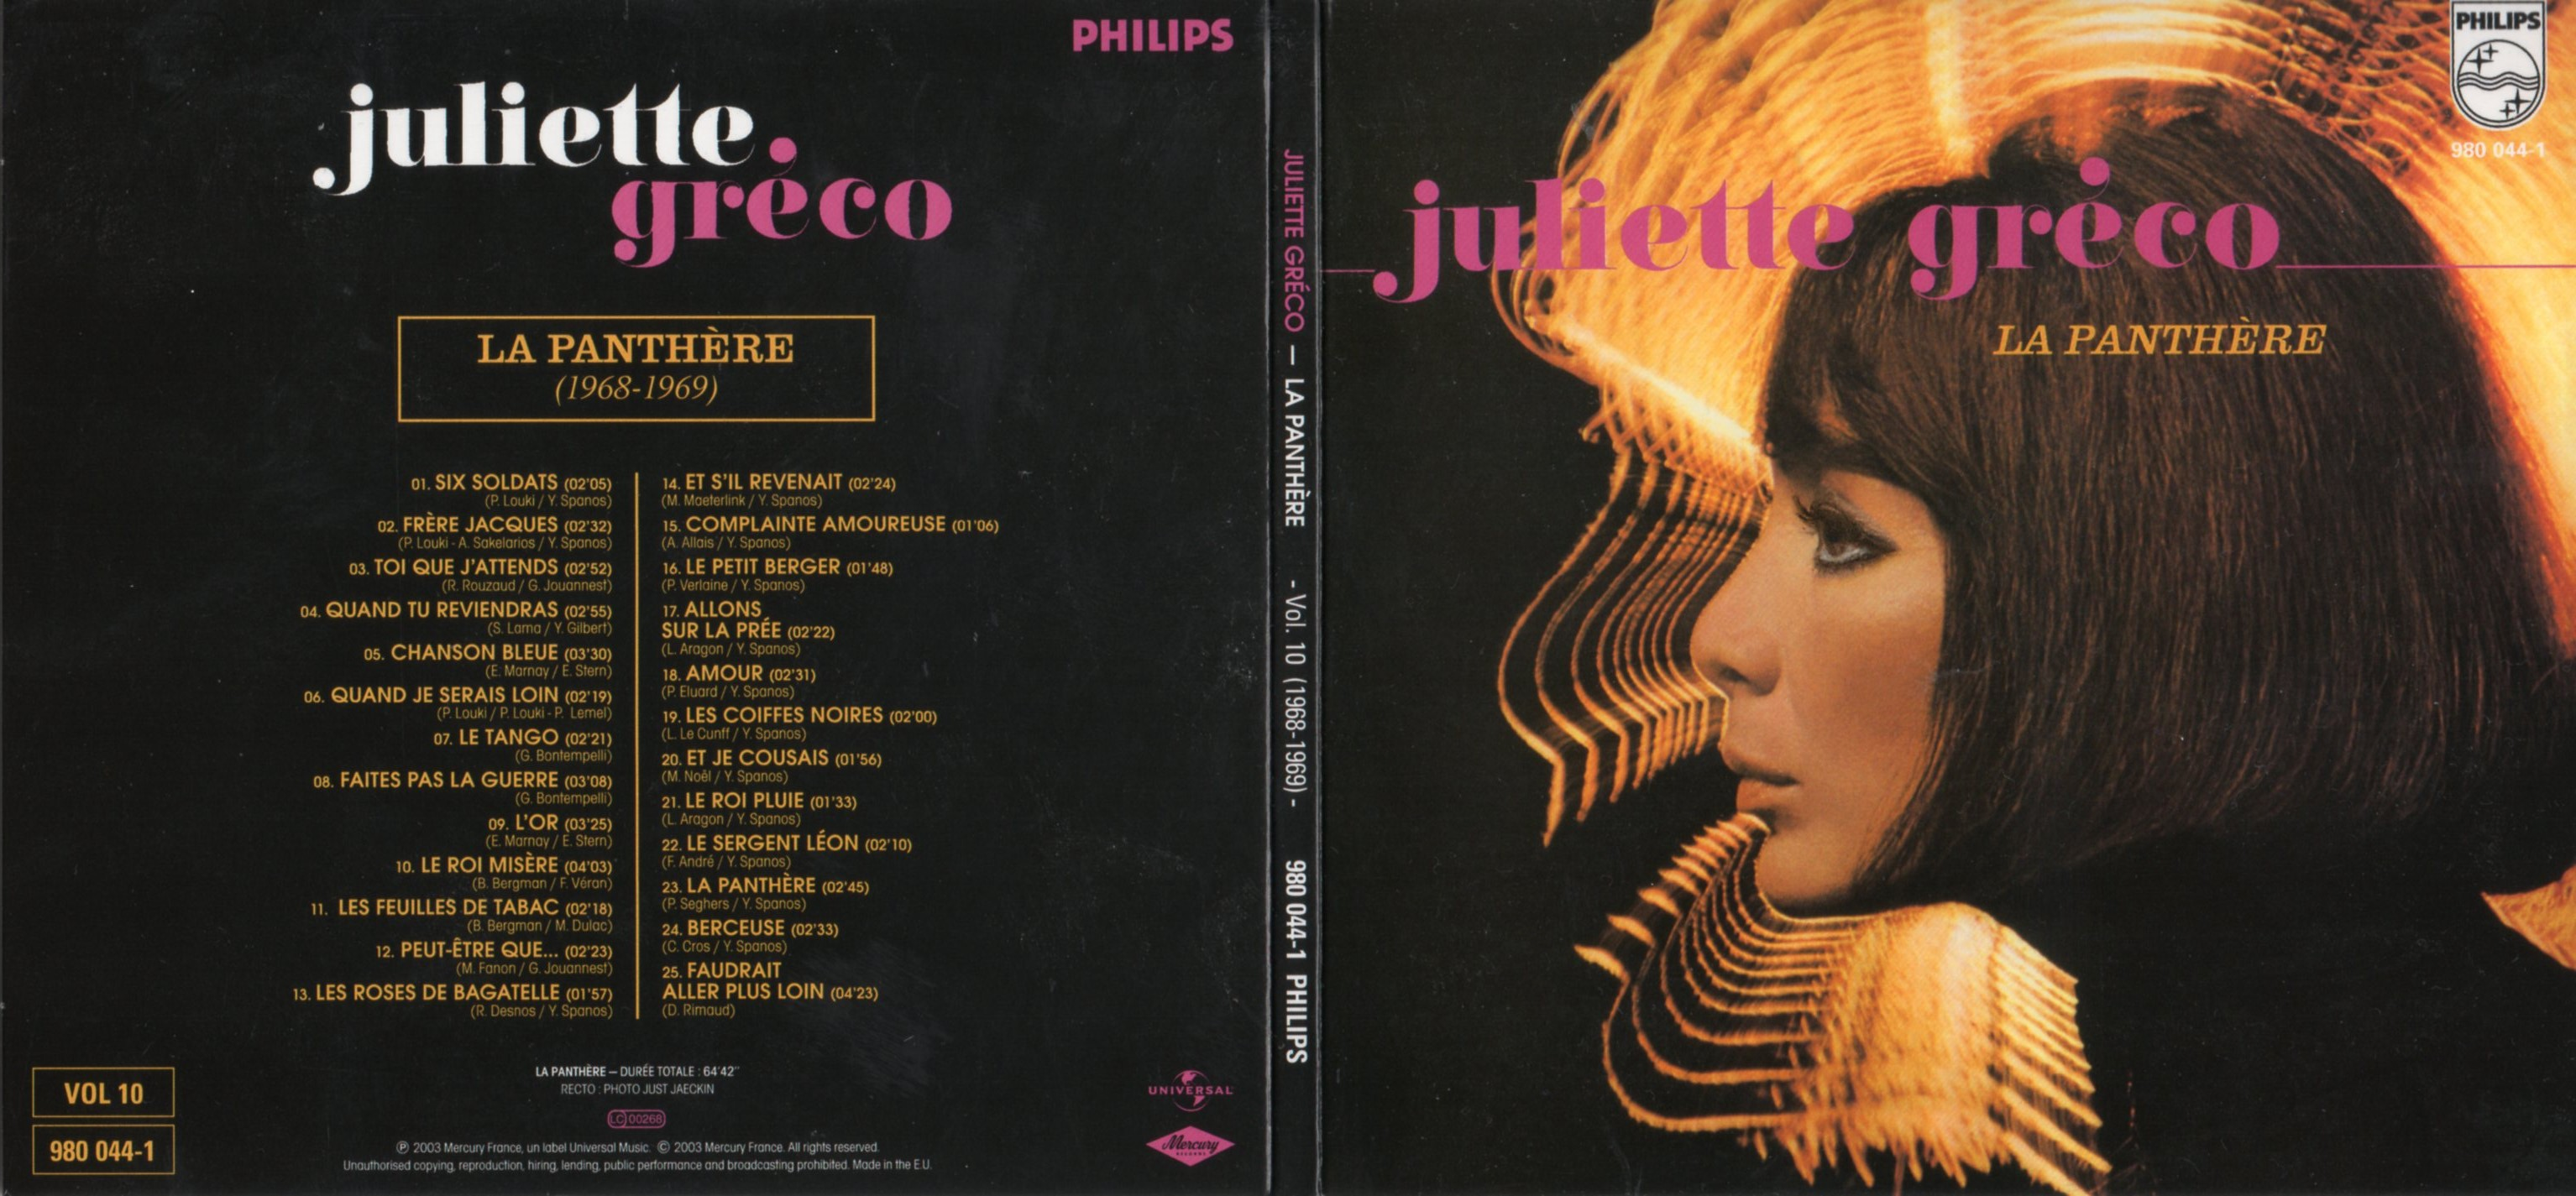 JULIETTE GRECO - La Panthère (1968-1969) Gatefold Card board sleeve - CD